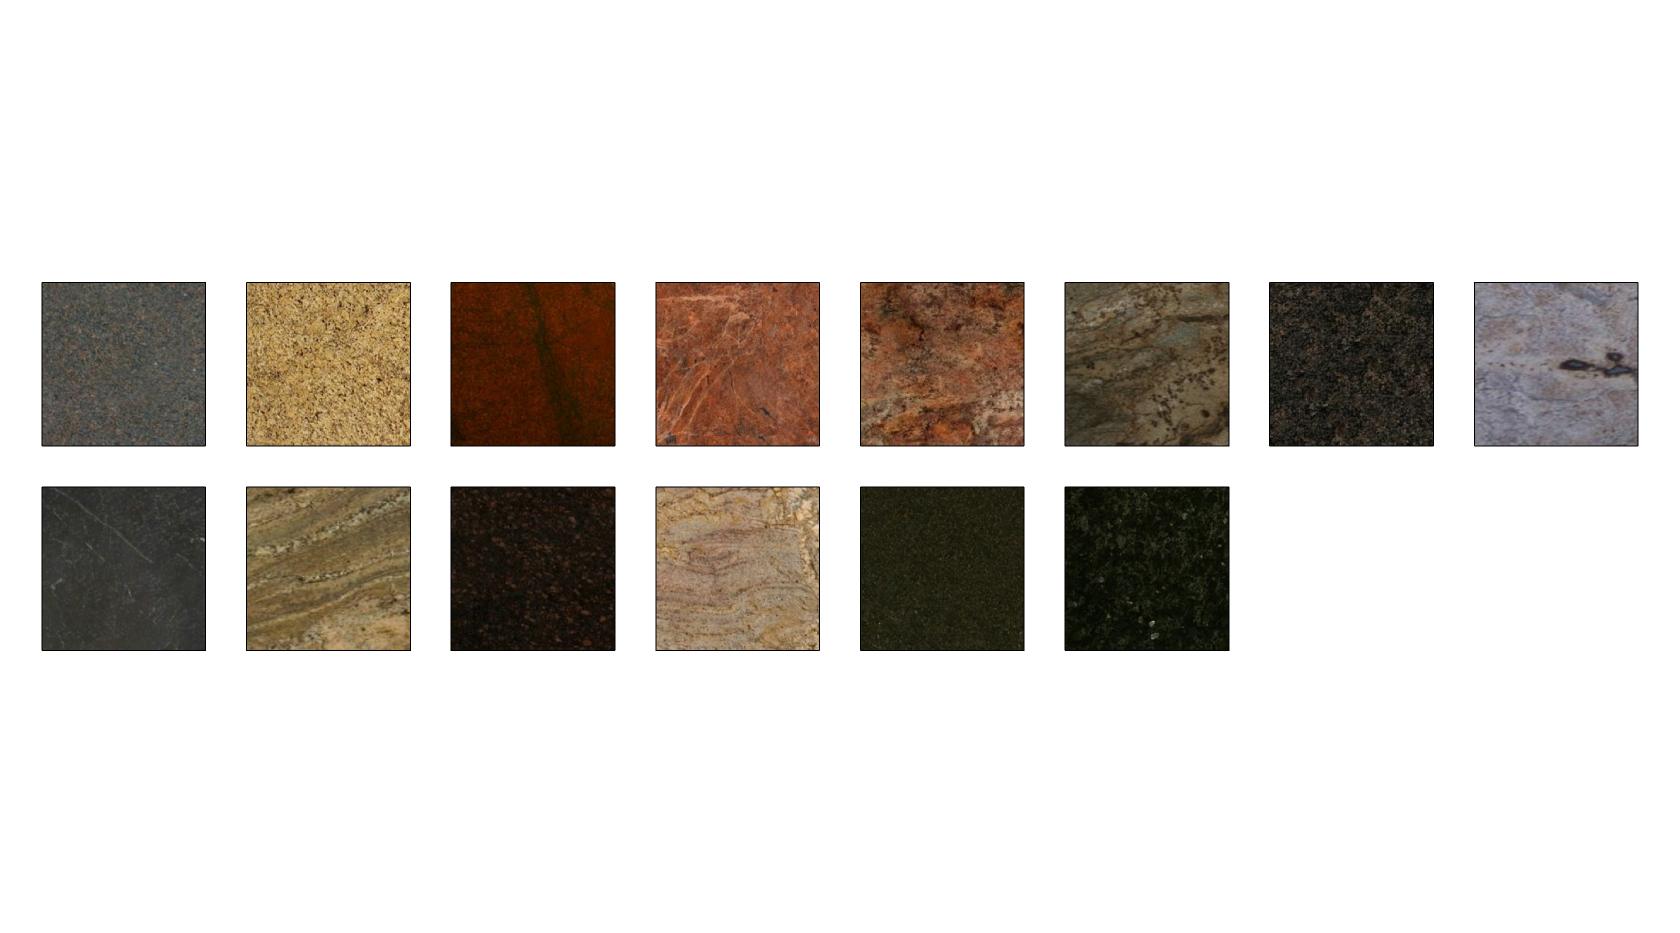 Granite3.png